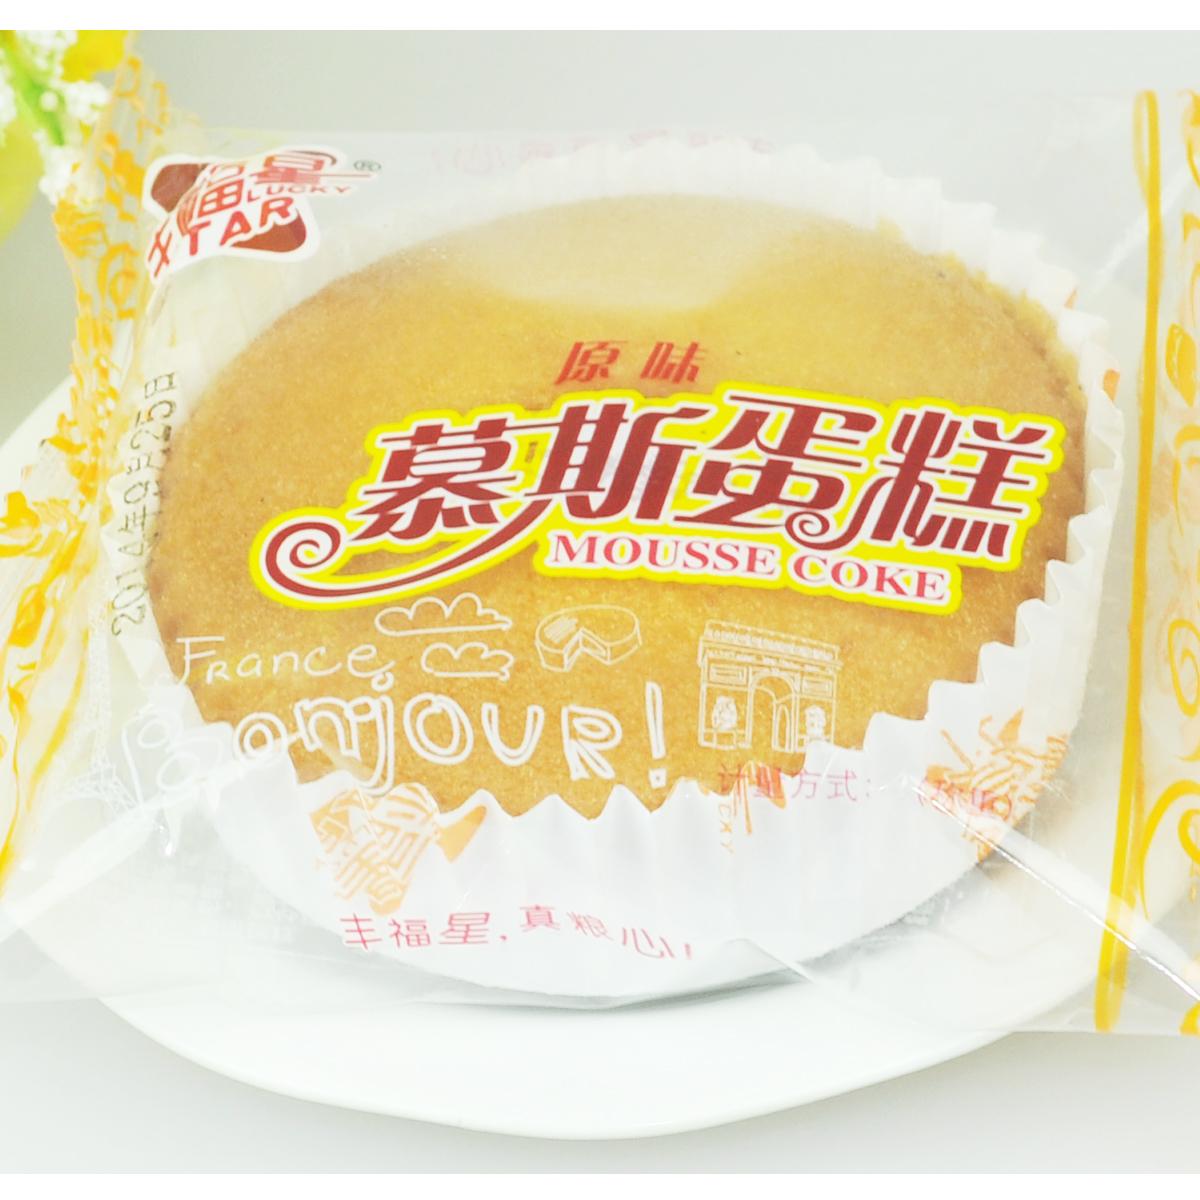 丰福星特色慕斯蛋糕湖南特产零食饼干类奶油小吃食品500g真空包装